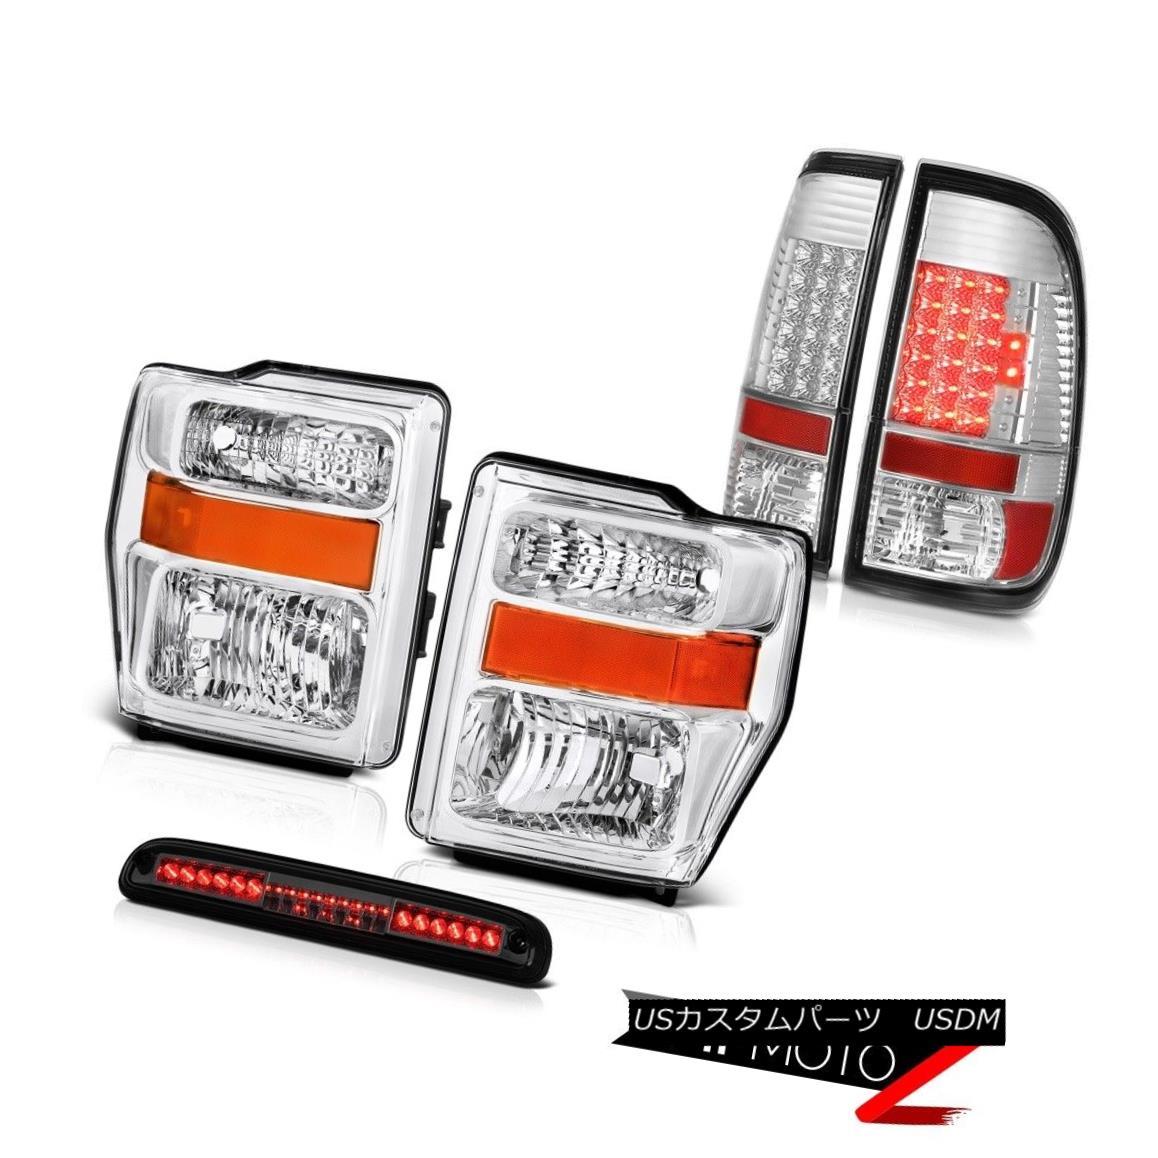 ヘッドライト 2008 2009 2010 F350 XL Crystal Headlights BRIGHTEST LED Tail Lights High Stop 2008年2009年2010年F350 XLクリスタルヘッドライトBRIGHTEST LEDテールライトハイストップ